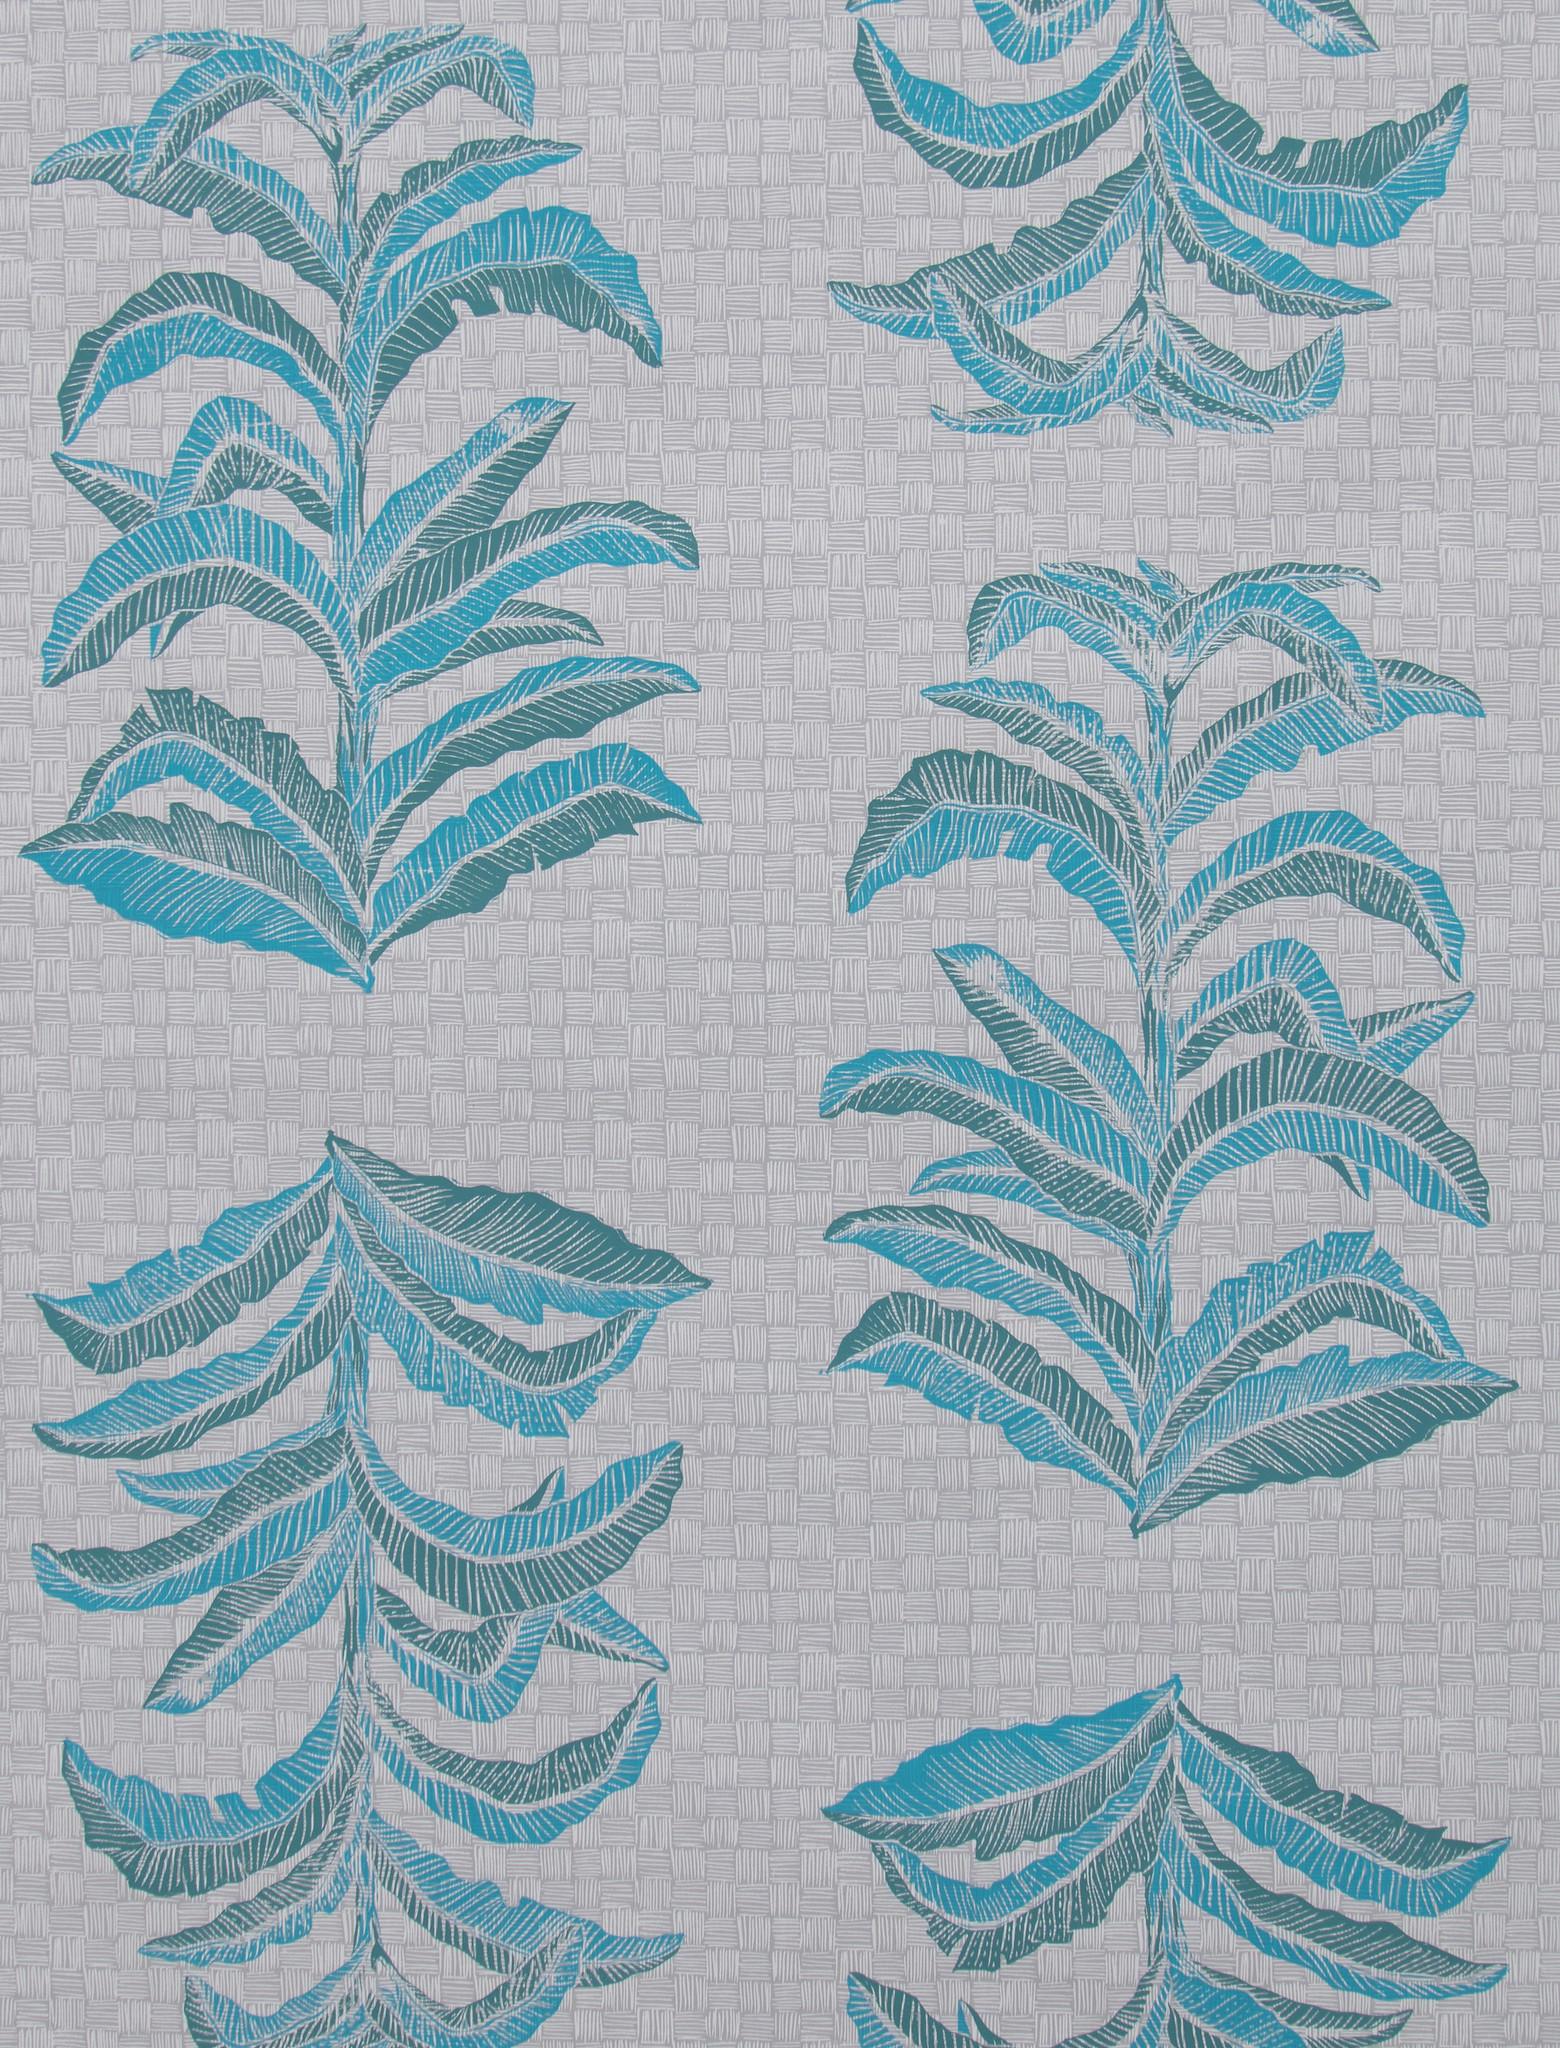 Krane Home_Banana Leaf Veridian Wallpaper-1-X4.jpg